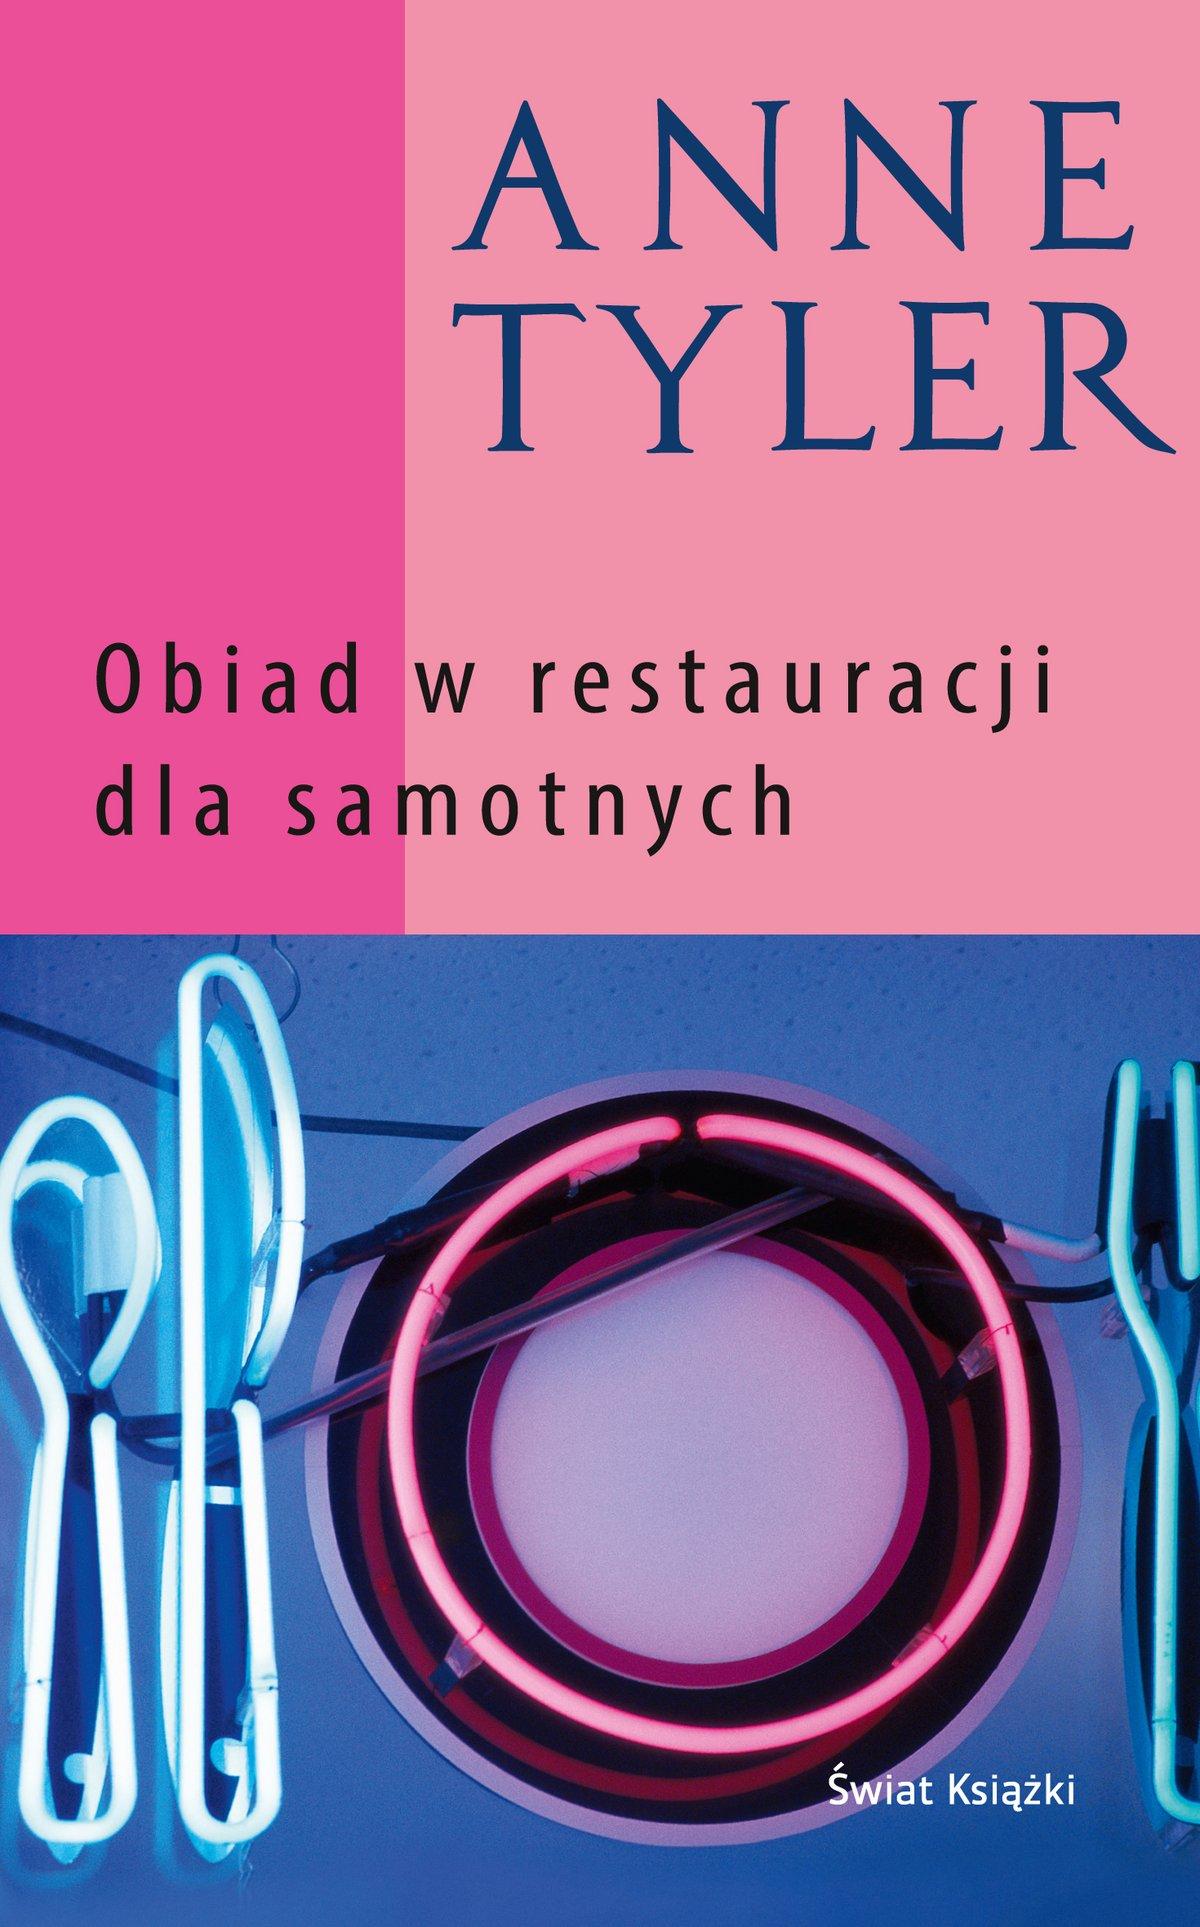 Obiad w restauracji dla samotnych - Ebook (Książka EPUB) do pobrania w formacie EPUB